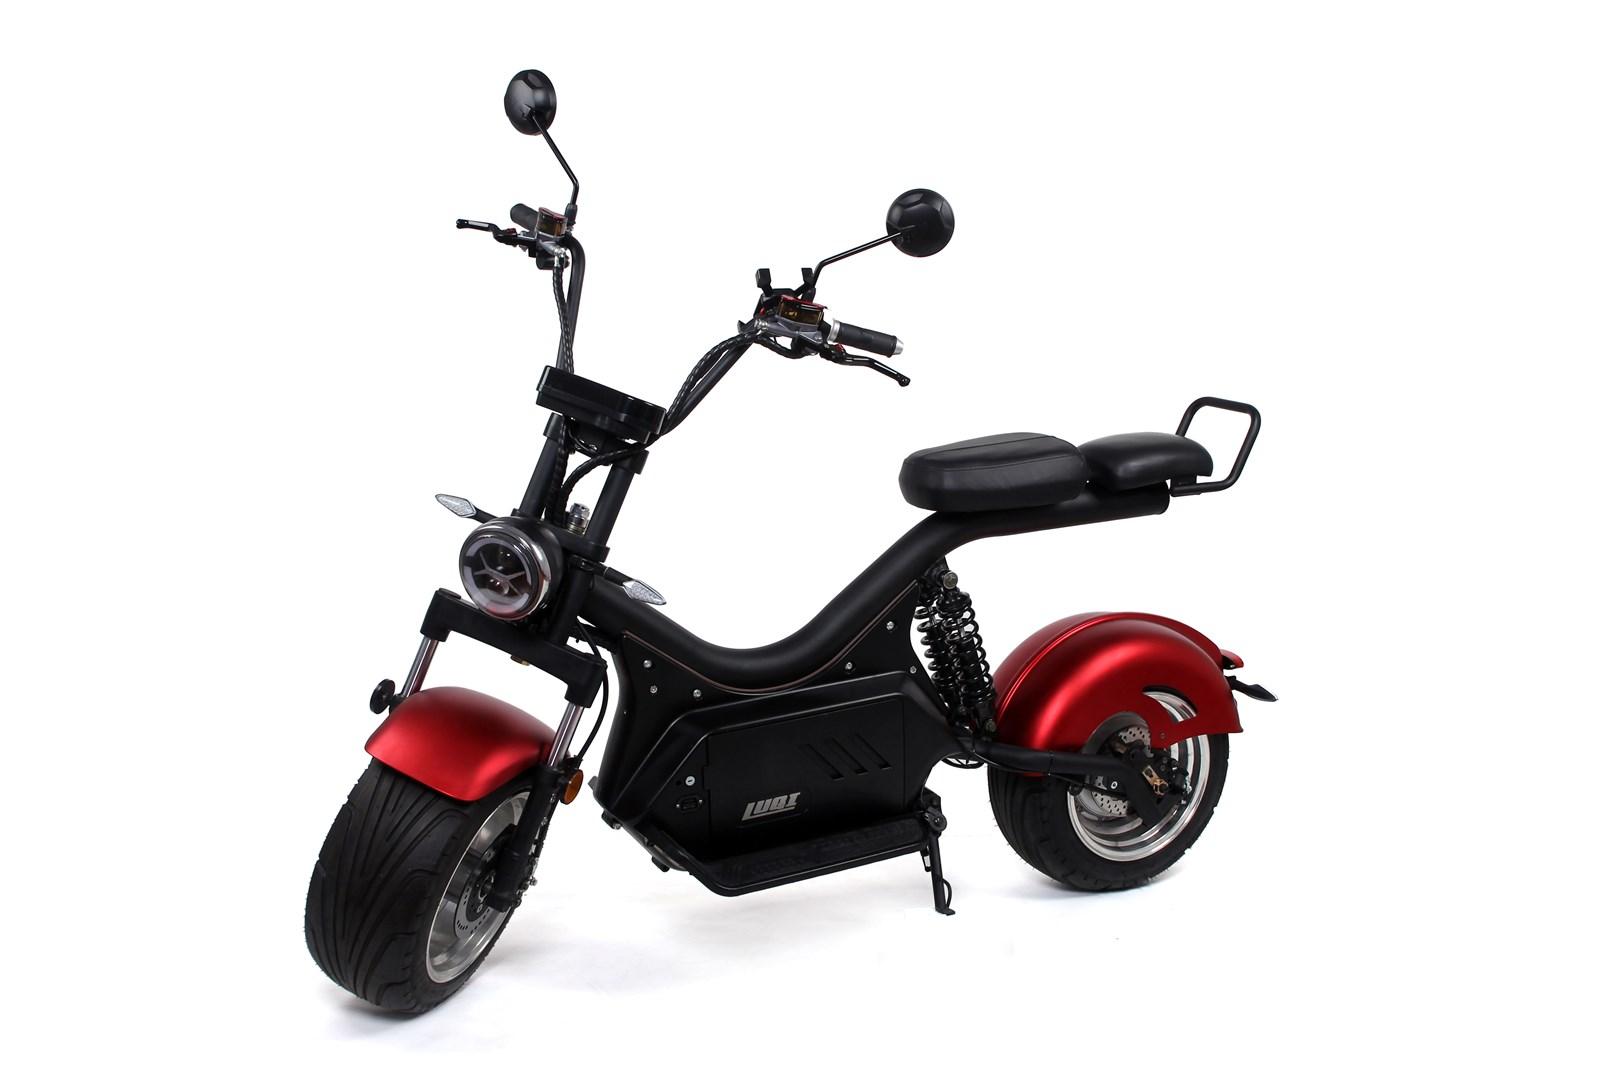 LUQIHL40T EECCOC 2545 citycoco bike